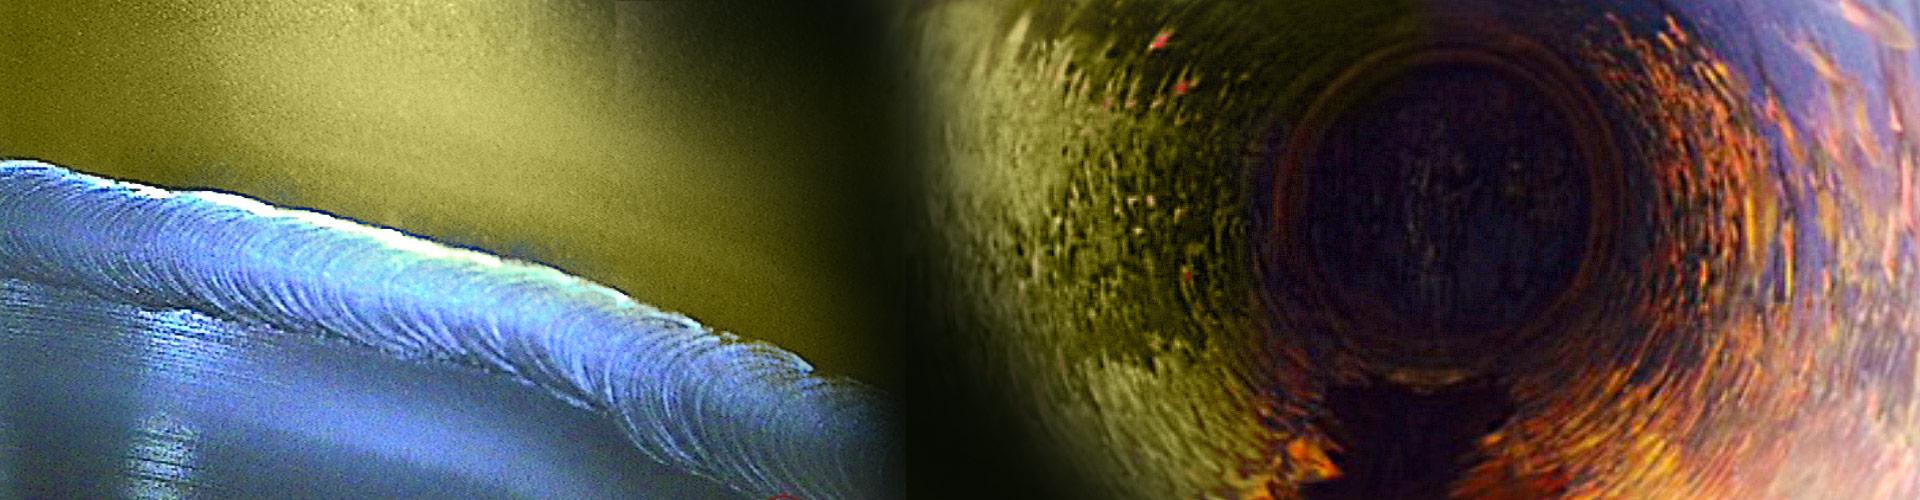 Prüftechnik Dichtheitsprüfungen und Lecksuche - Bergmann RST Rohr- und Schweißtechnik